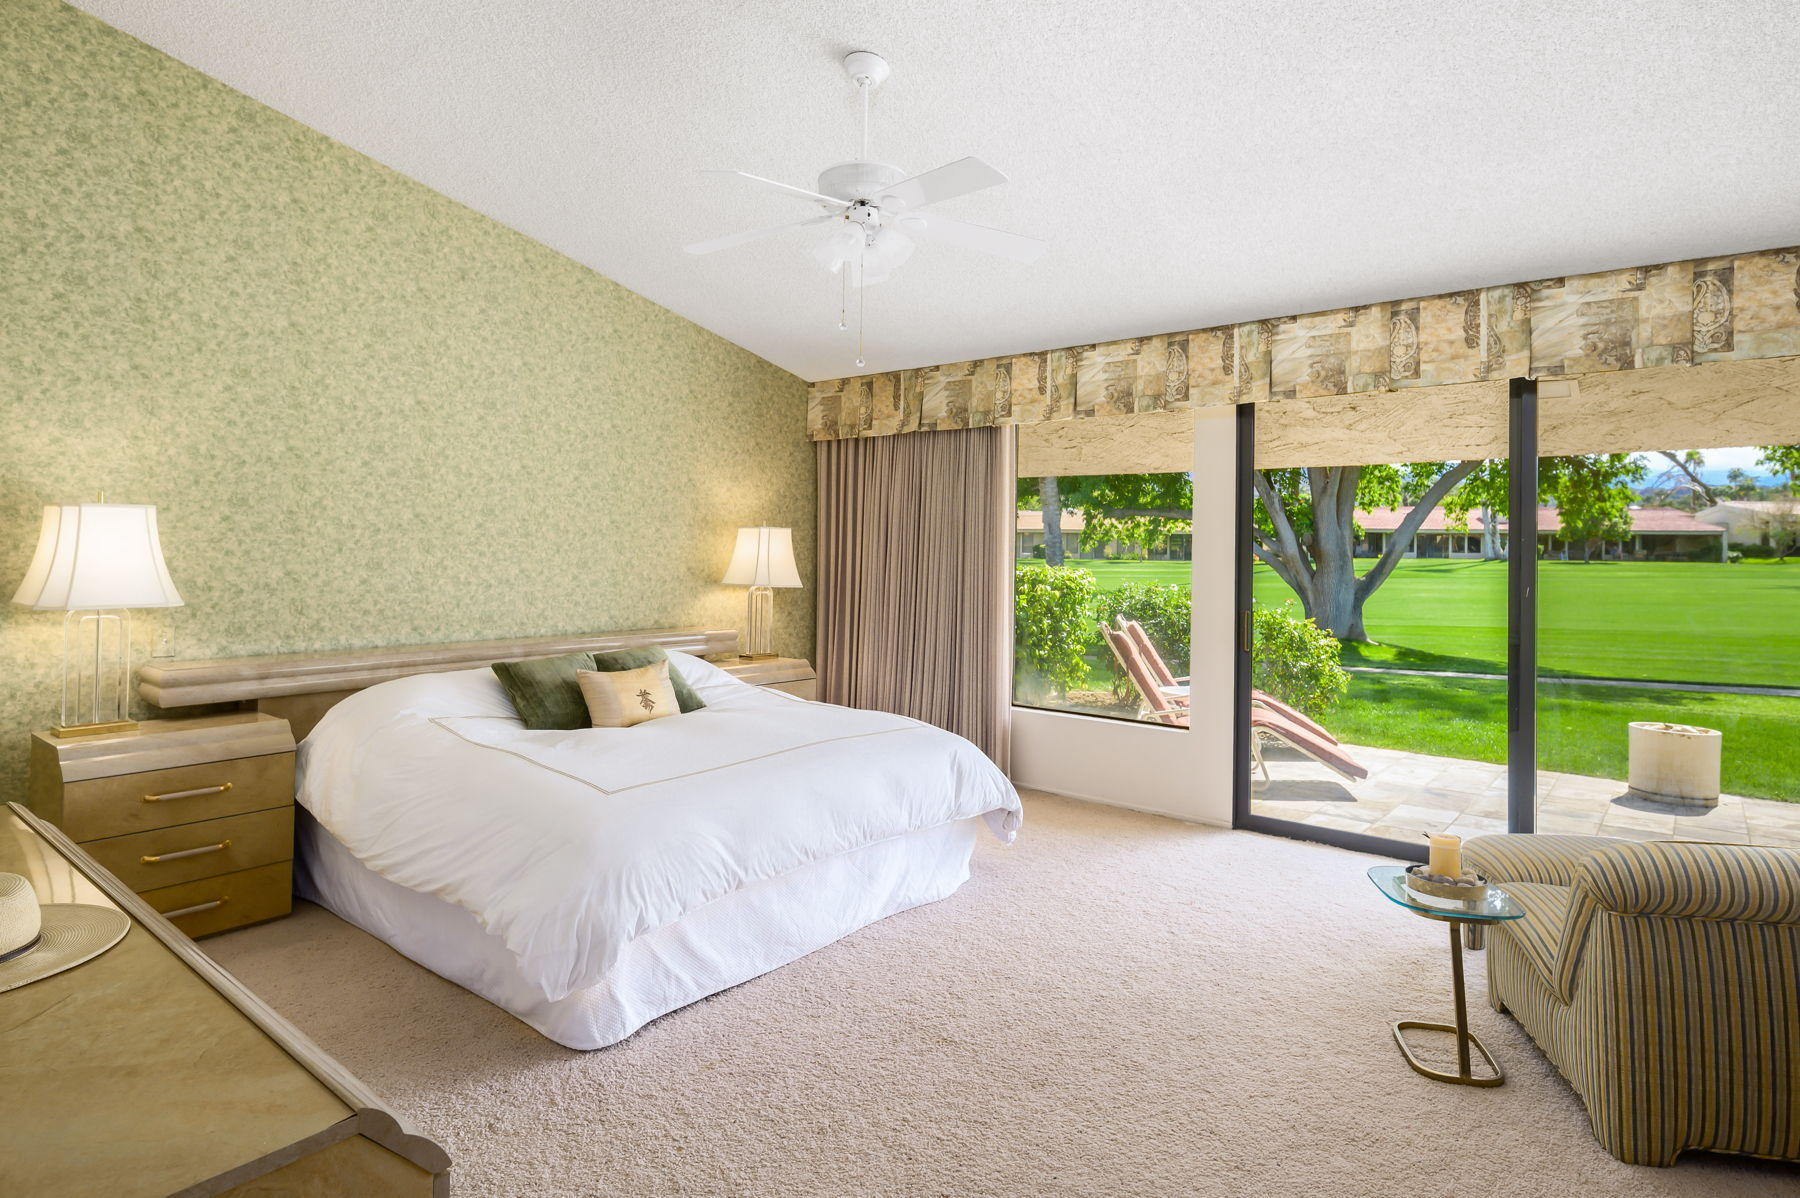 75595 Desert Horizons Dr Drive, Indian Wells, California 92210, 3 Bedrooms Bedrooms, ,3 BathroomsBathrooms,Residential,For Sale,75595 Desert Horizons Dr Drive,219041371